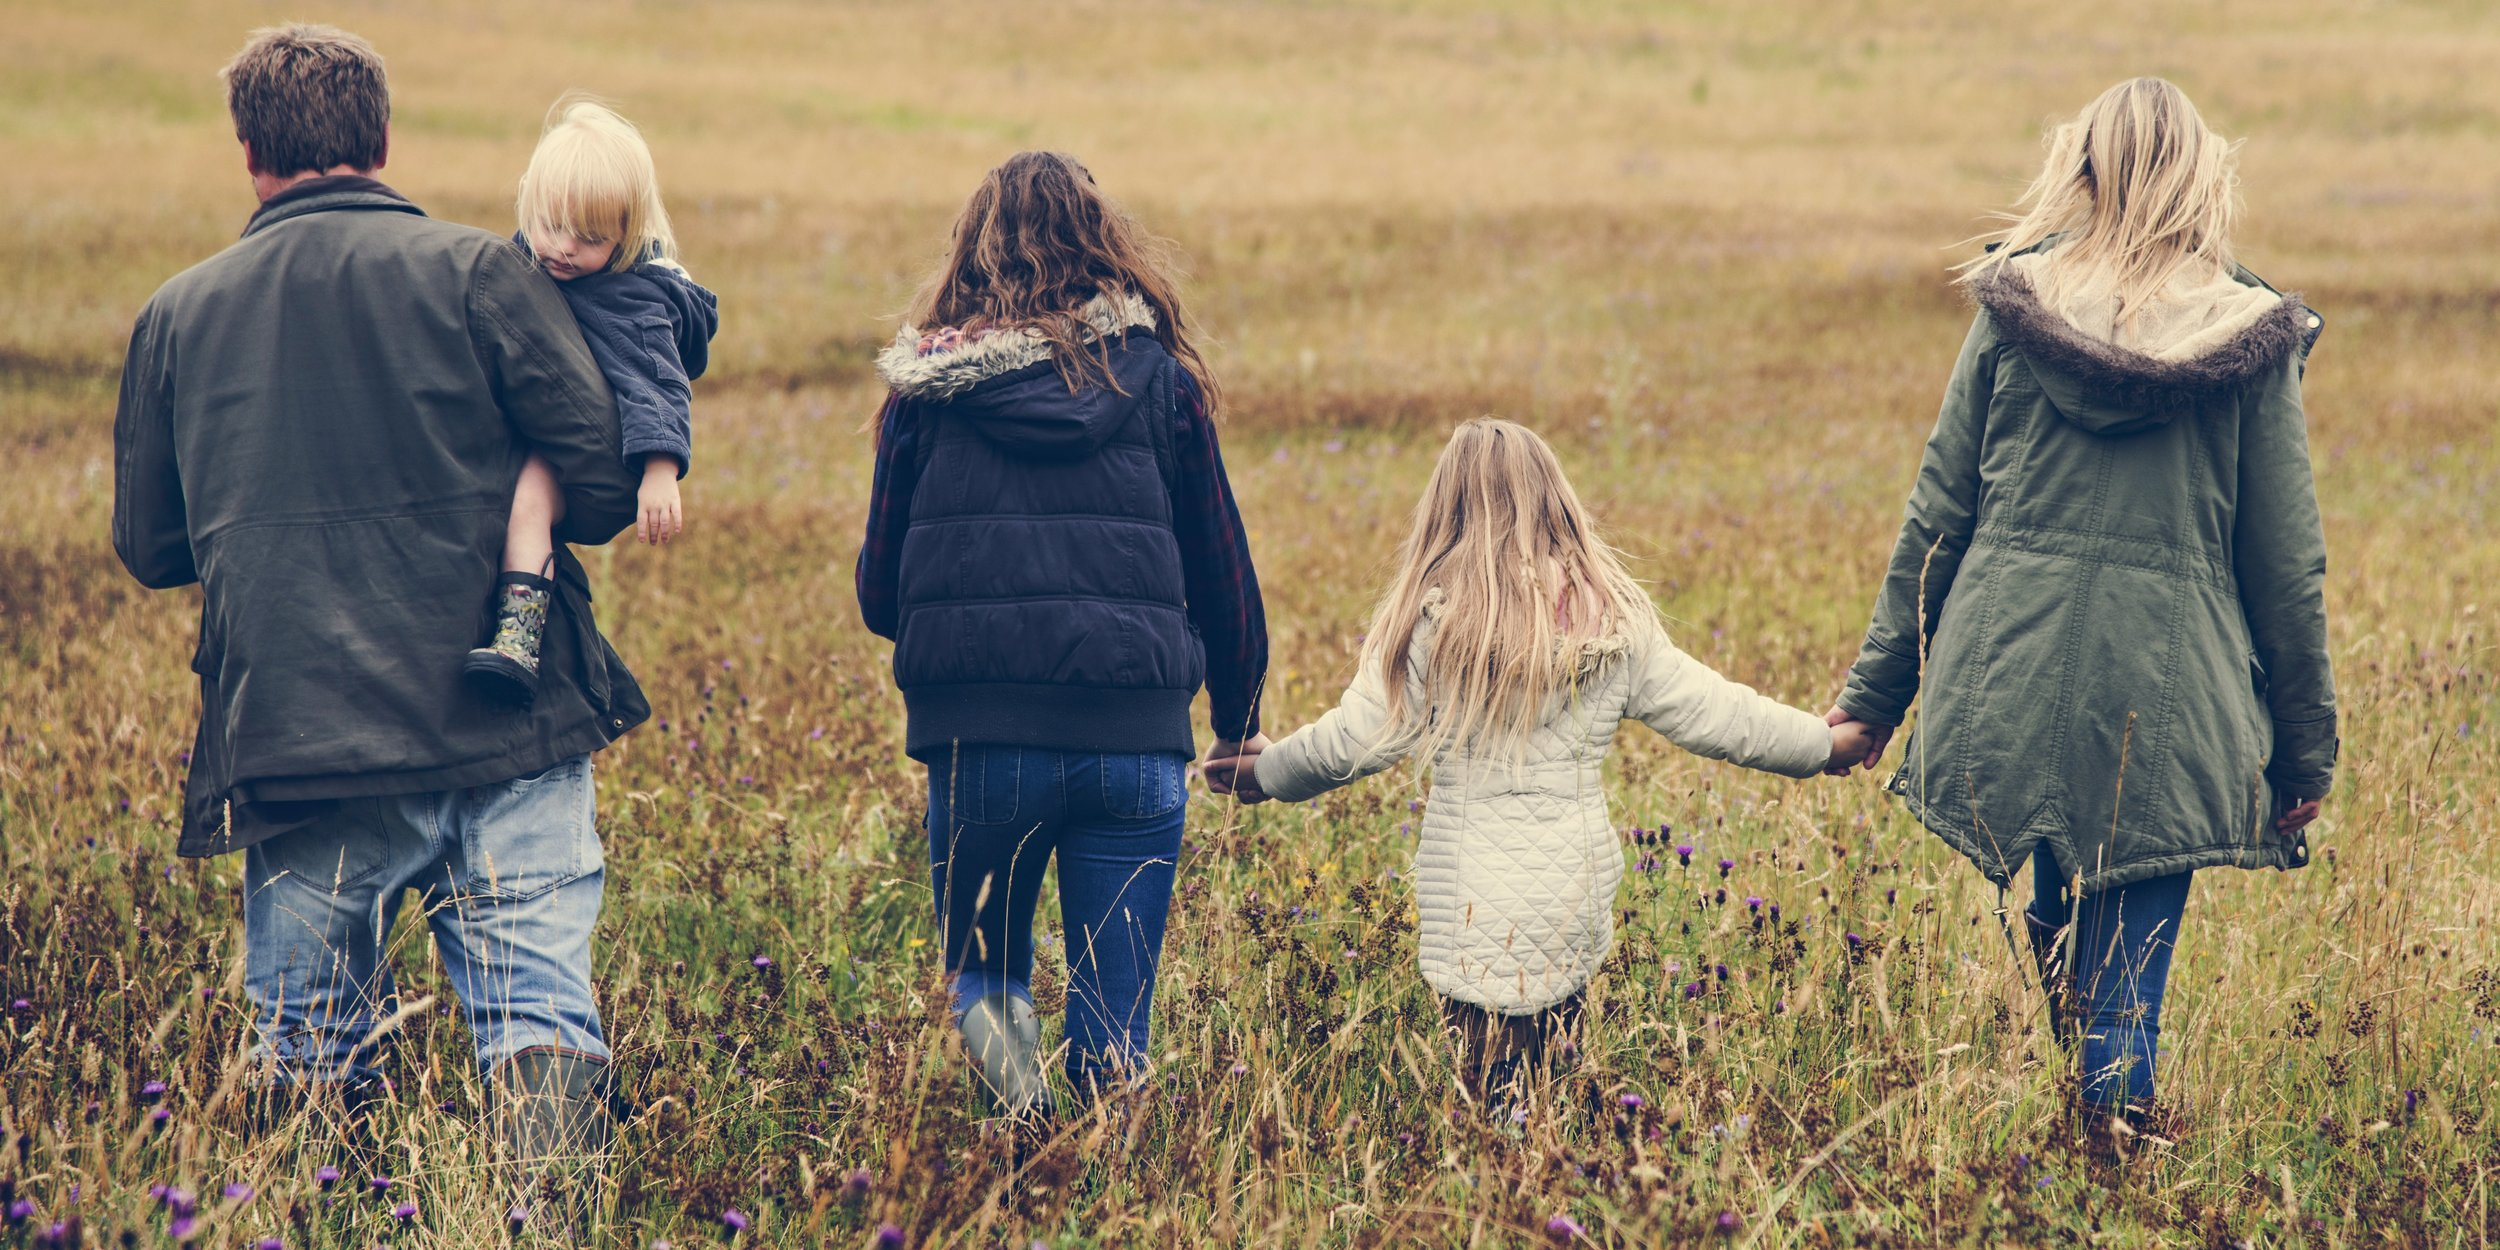 family-walking-field-nature-togetherness-concept-PZ8DSSM.jpg